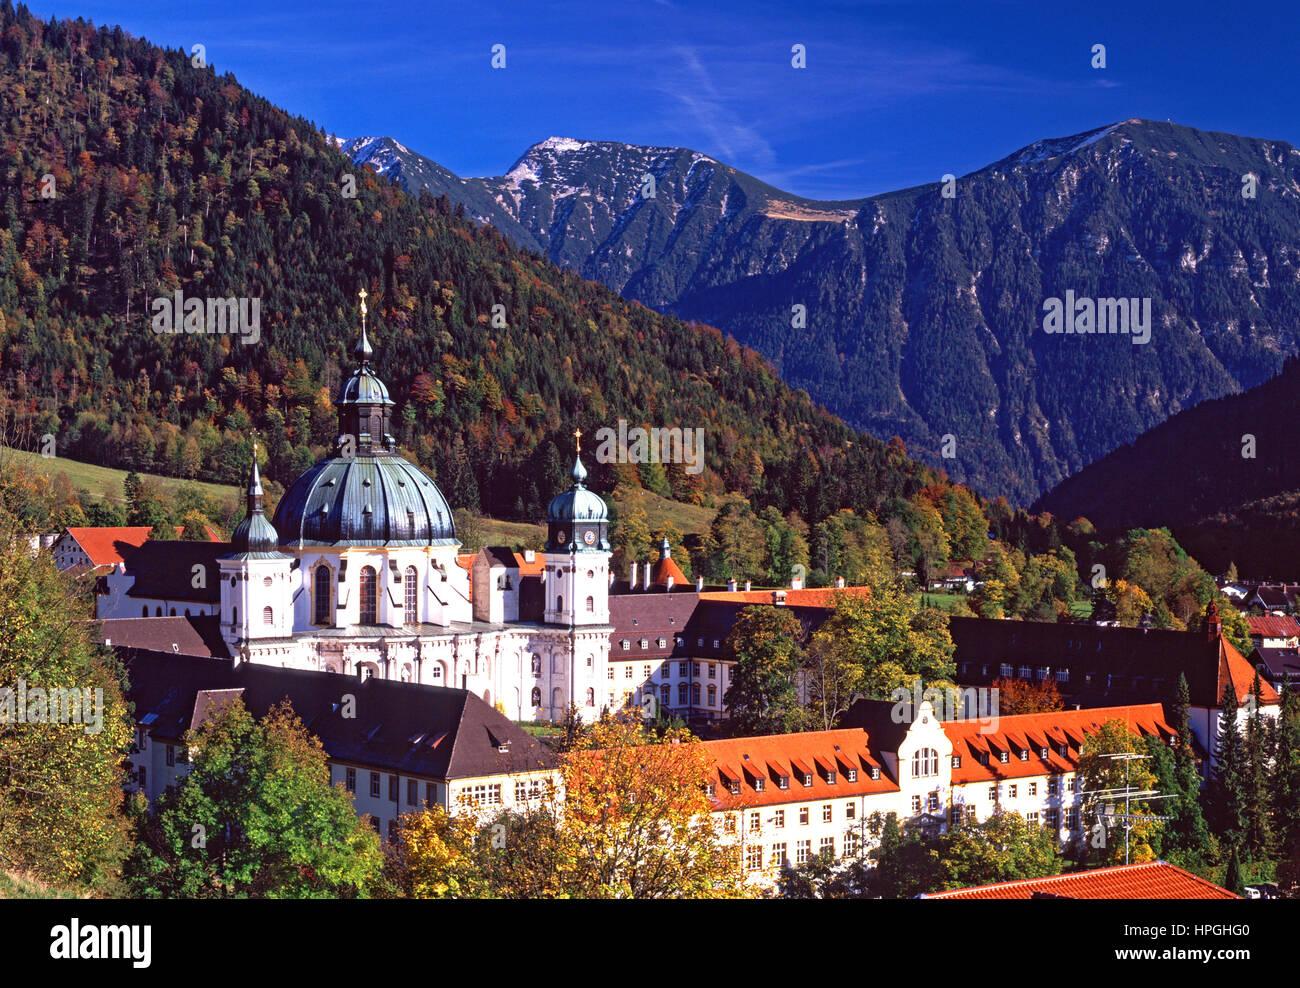 Monastère bénédictin Ettal, Bavière, Allemagne. Photo Stock